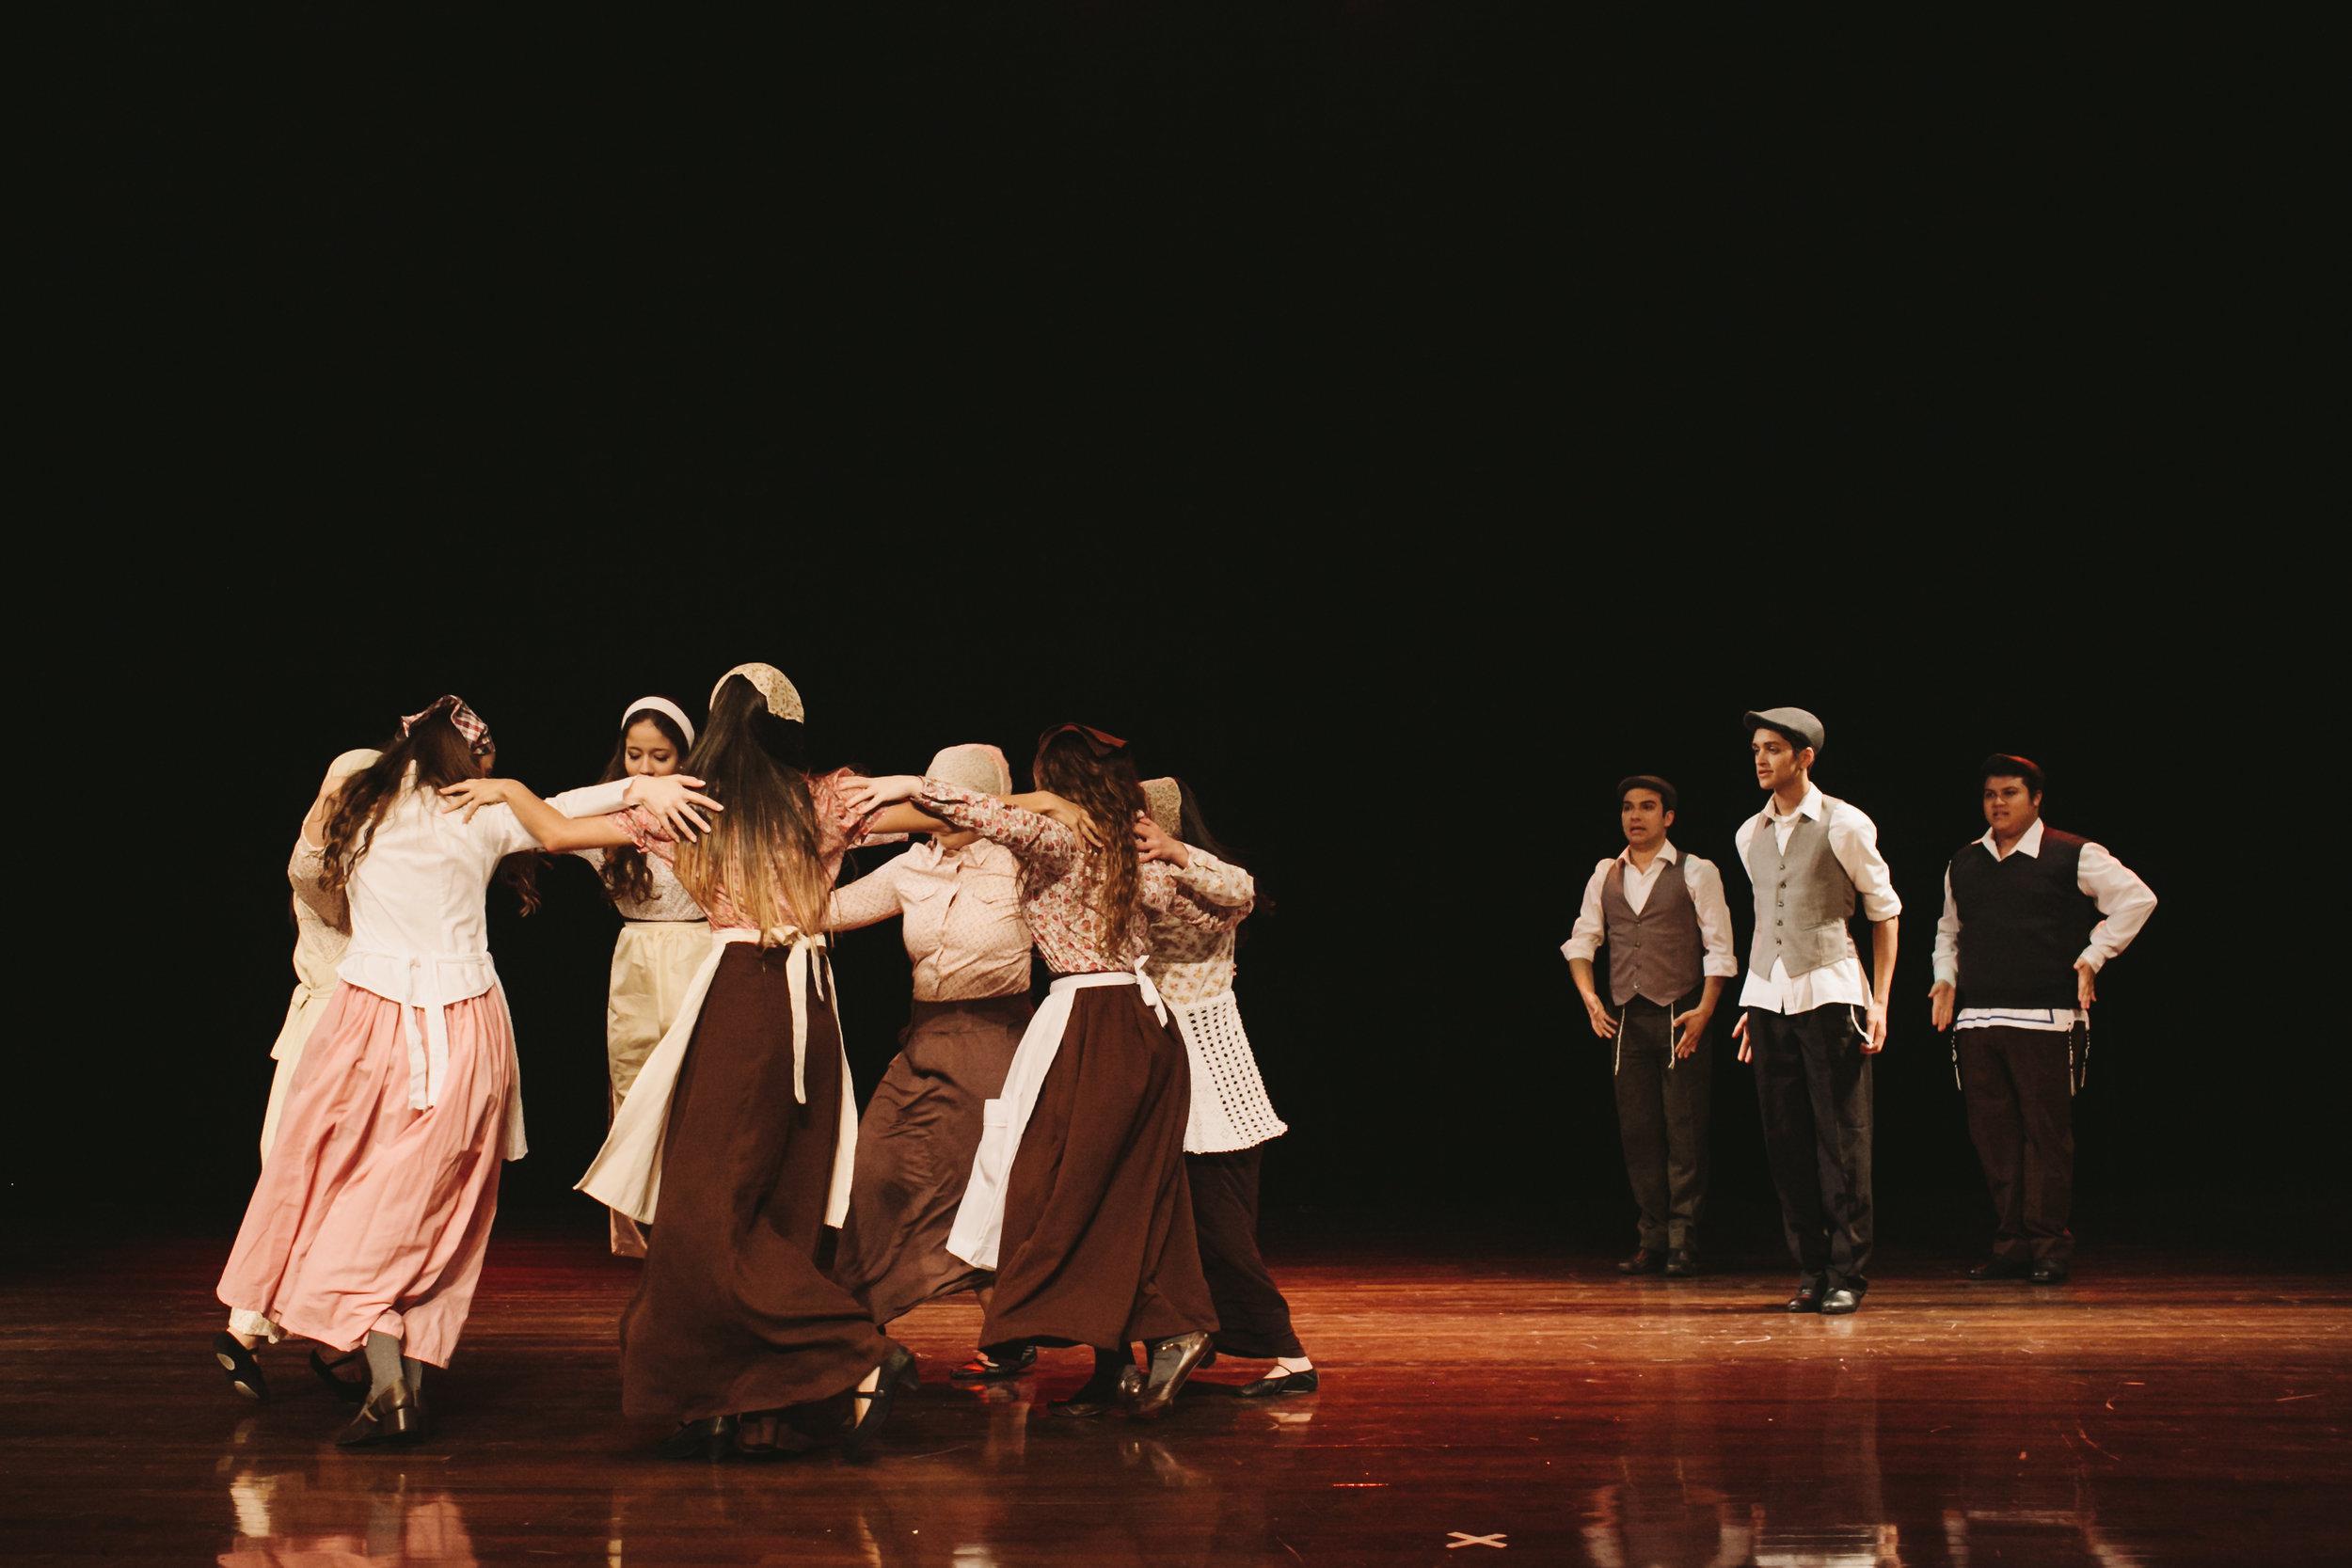 229_PRINT © Elisenda Llinares para Cia. de Teatro Musical Tatiana Gurgel.jpg